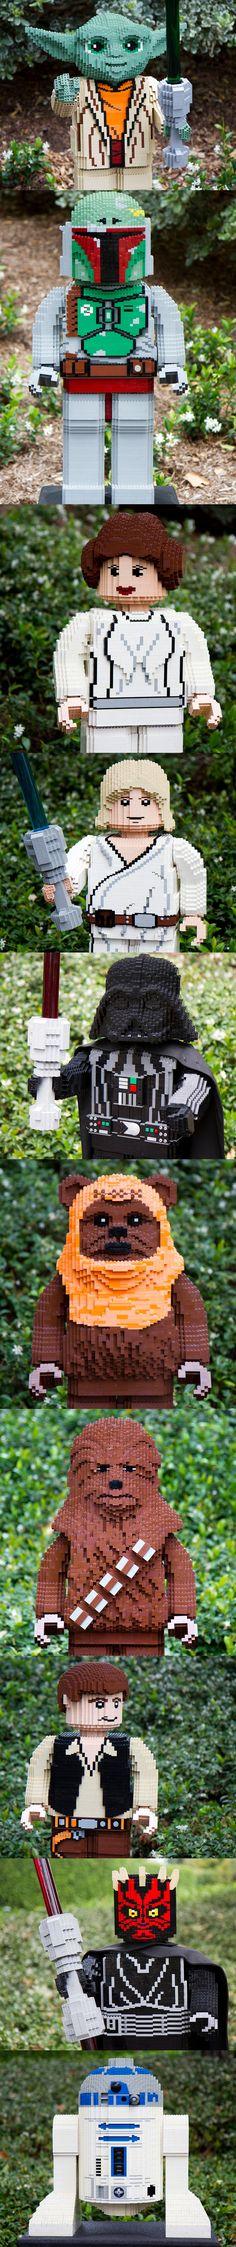 Yoda, Boba Fett, Leila, Luke Skywalker, Darth Vader, Ewok, Chewy, Han Solo, Darth Maul, R2D2